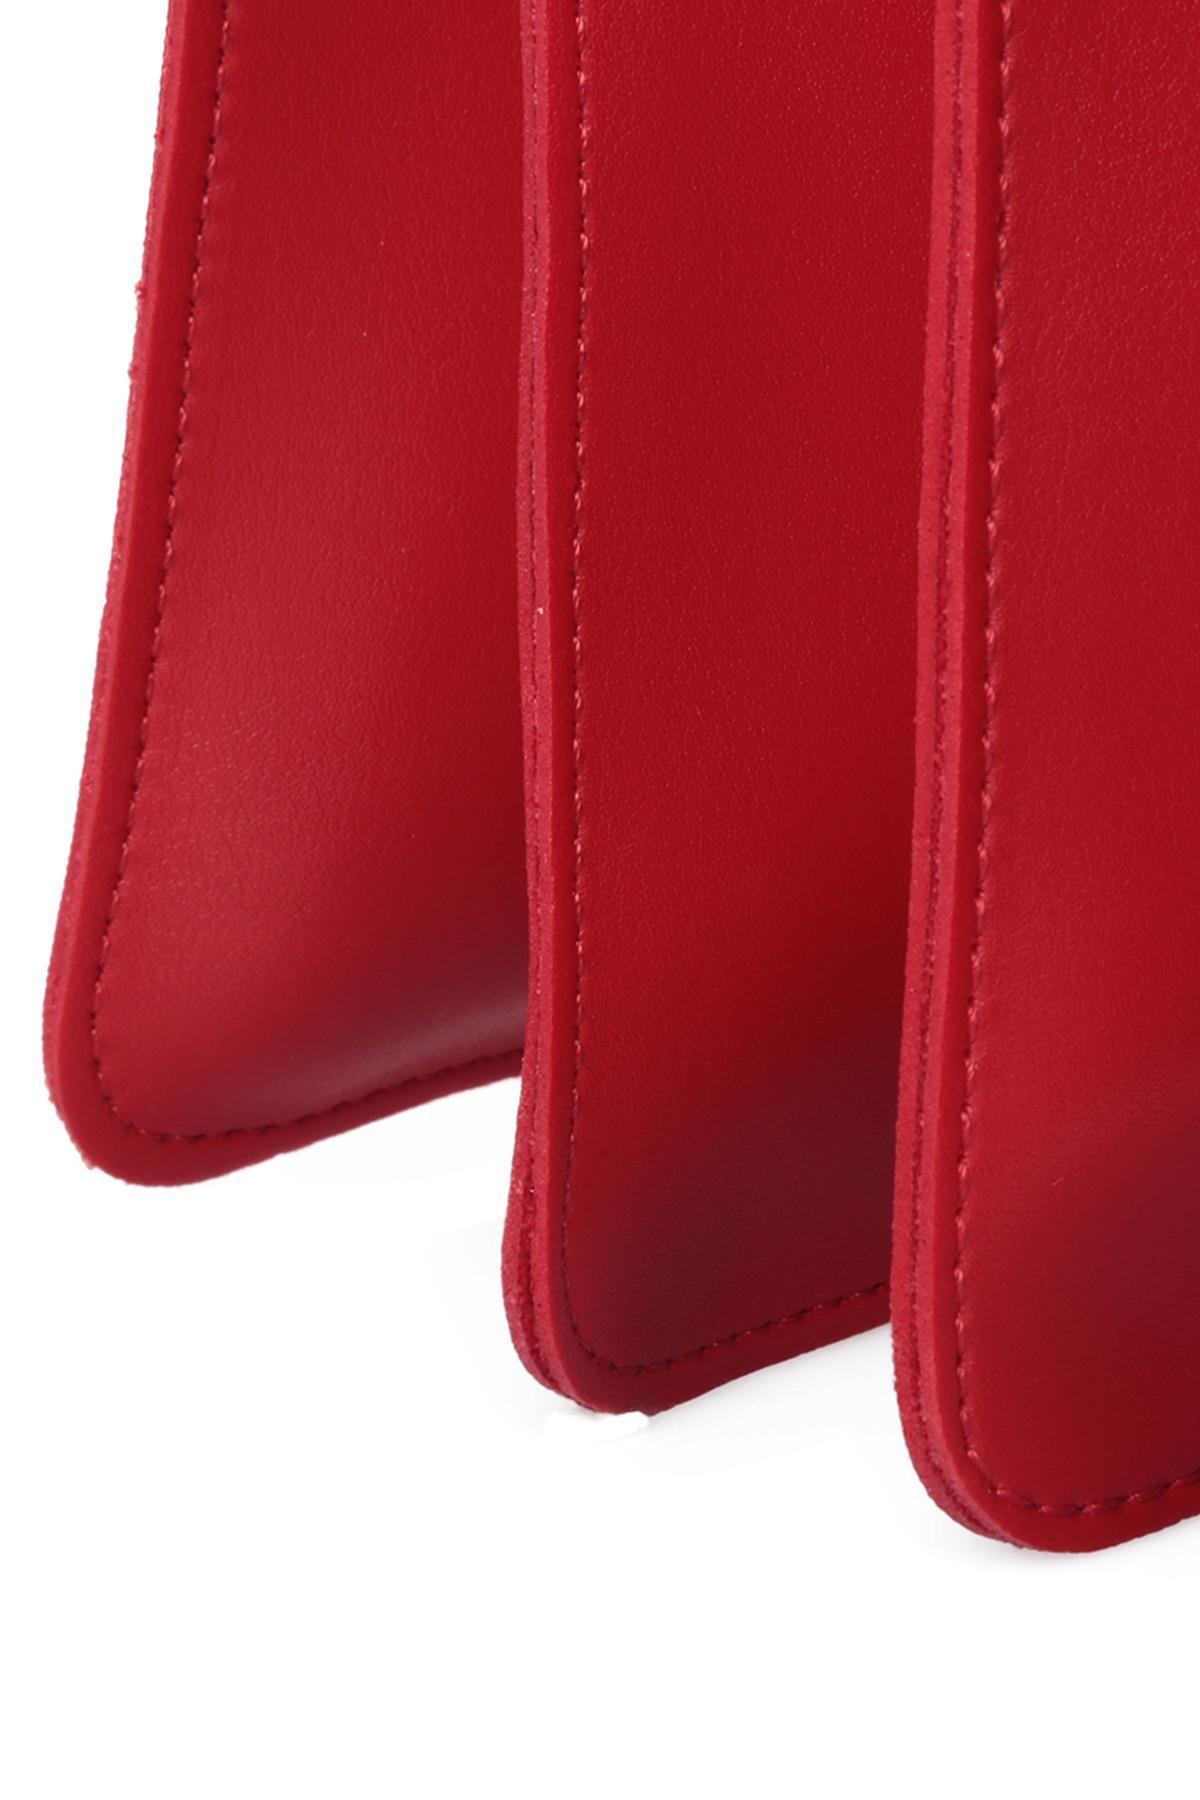 Beverly Hills Polo Club Kadın Püsküllü El ve Omuz Çantası Kırmızı 4